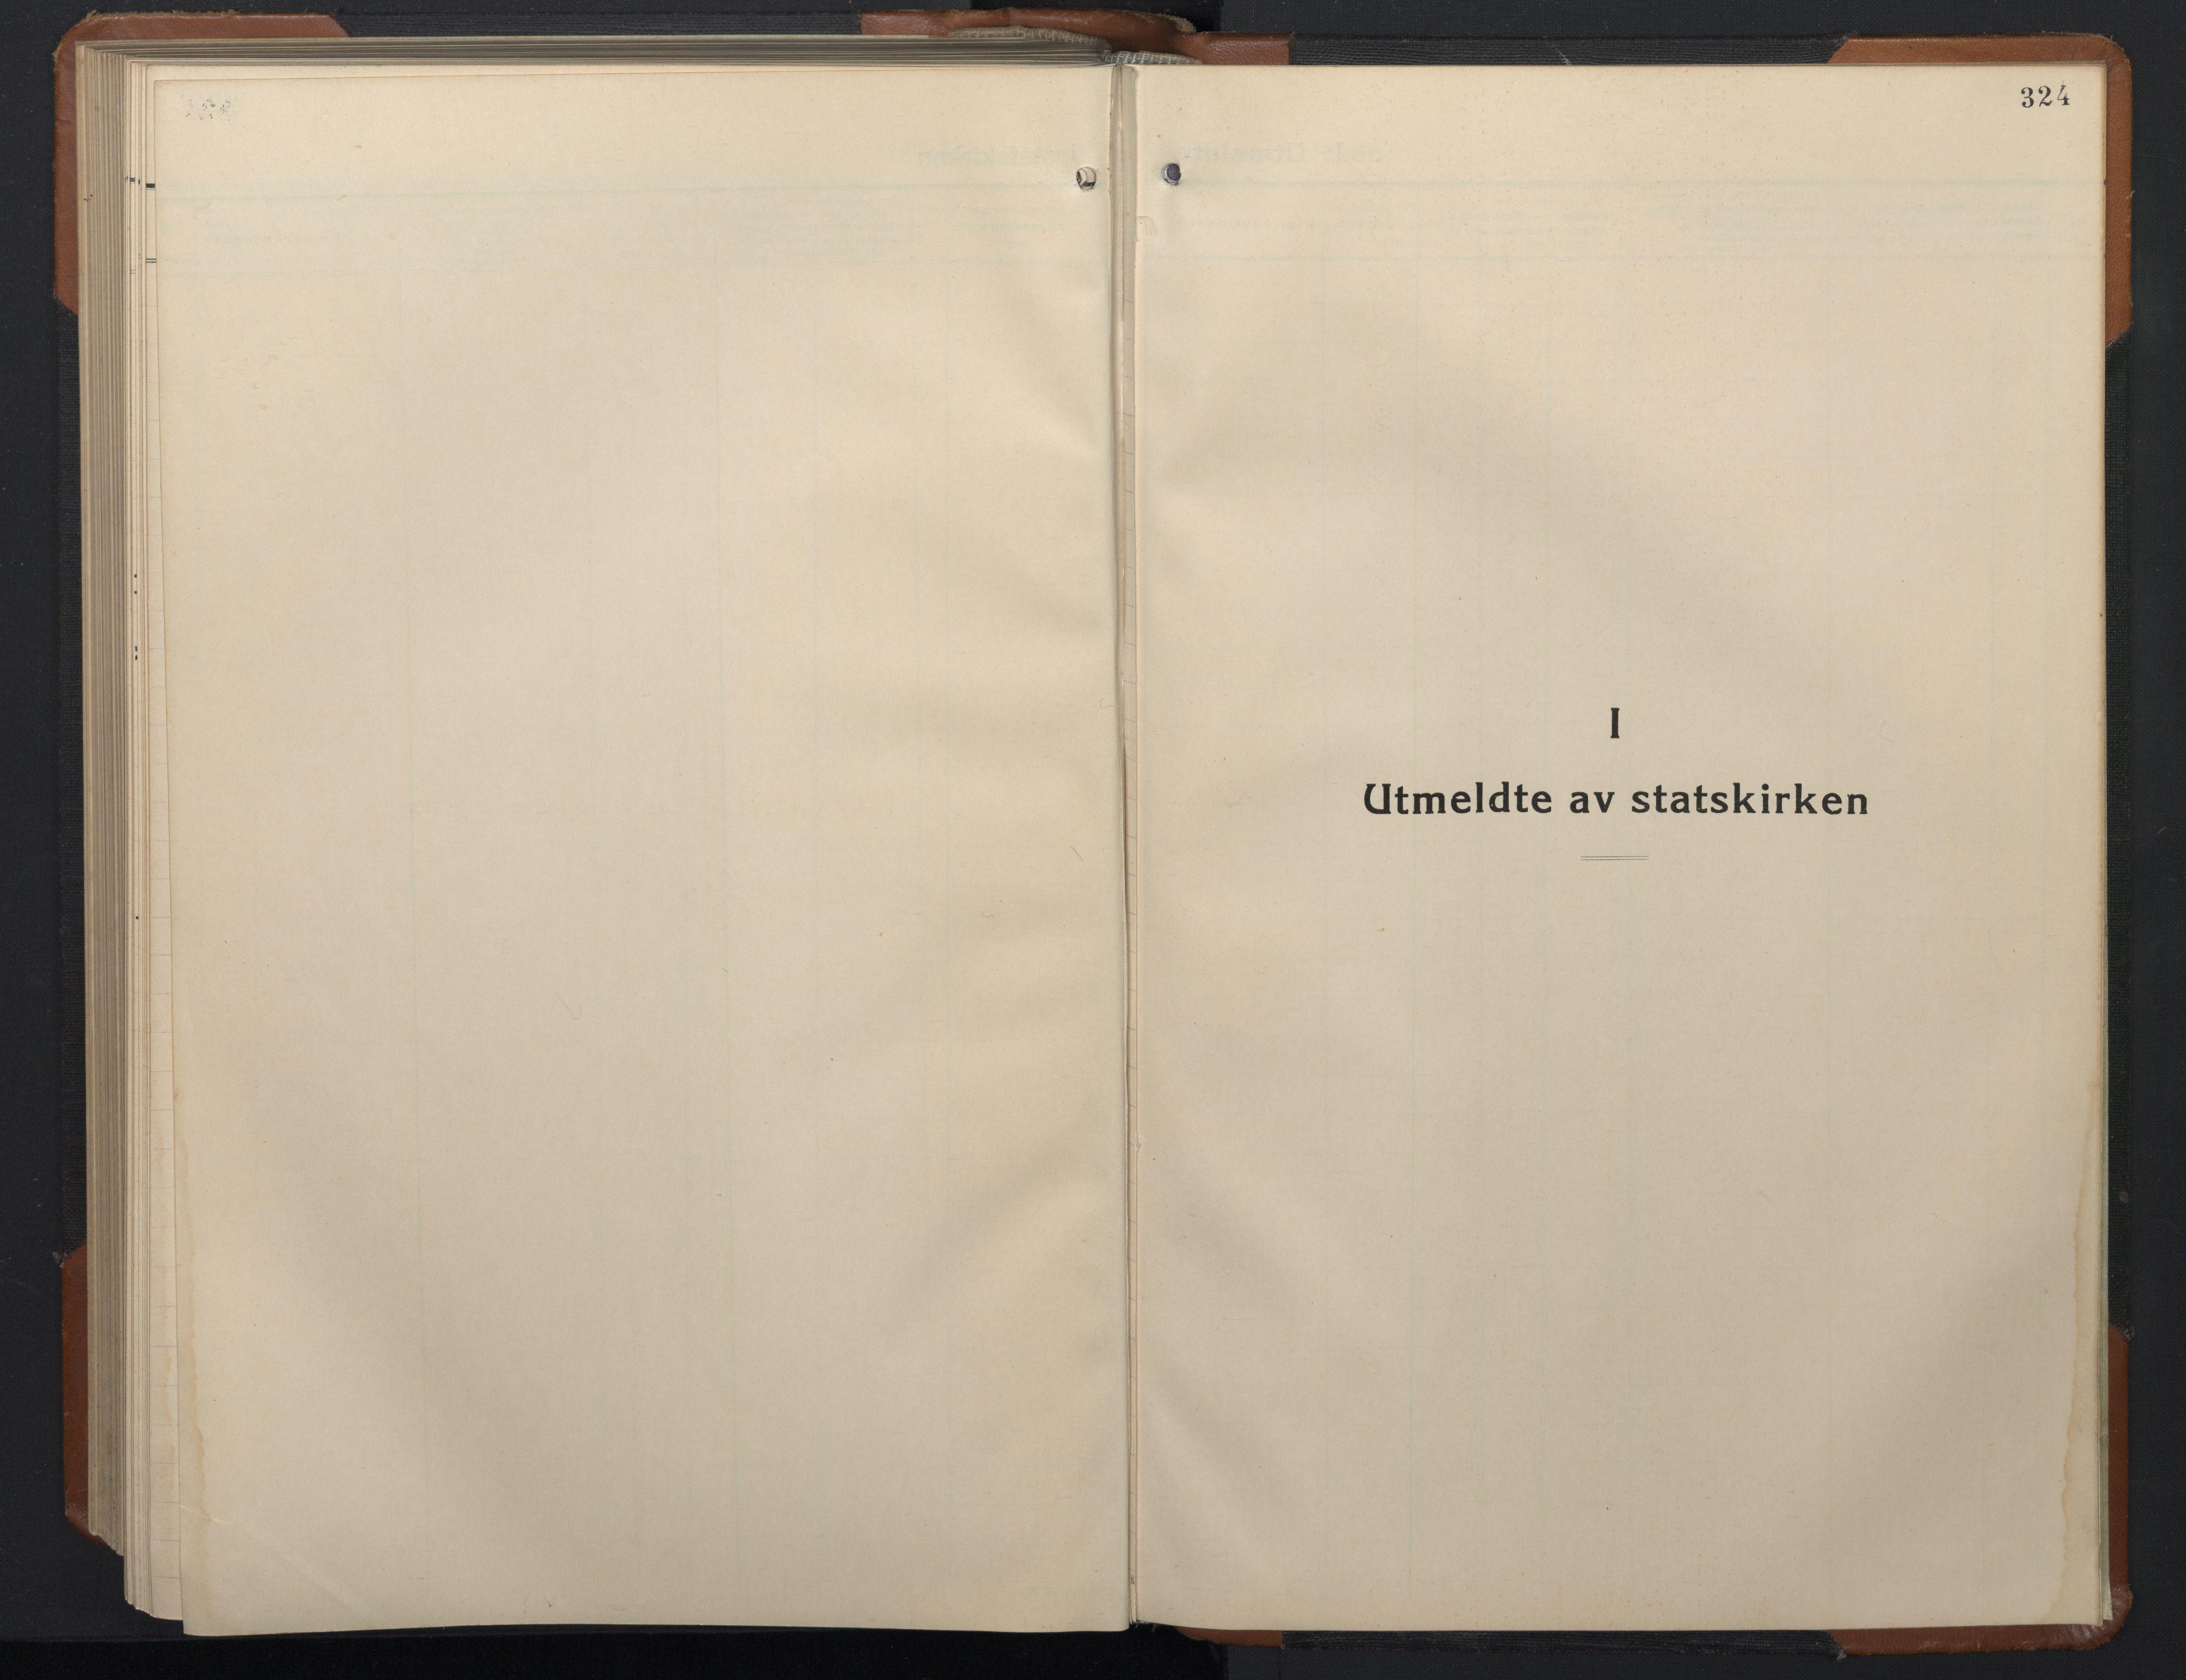 SAT, Ministerialprotokoller, klokkerbøker og fødselsregistre - Sør-Trøndelag, 657/L0718: Klokkerbok nr. 657C05, 1923-1948, s. 324